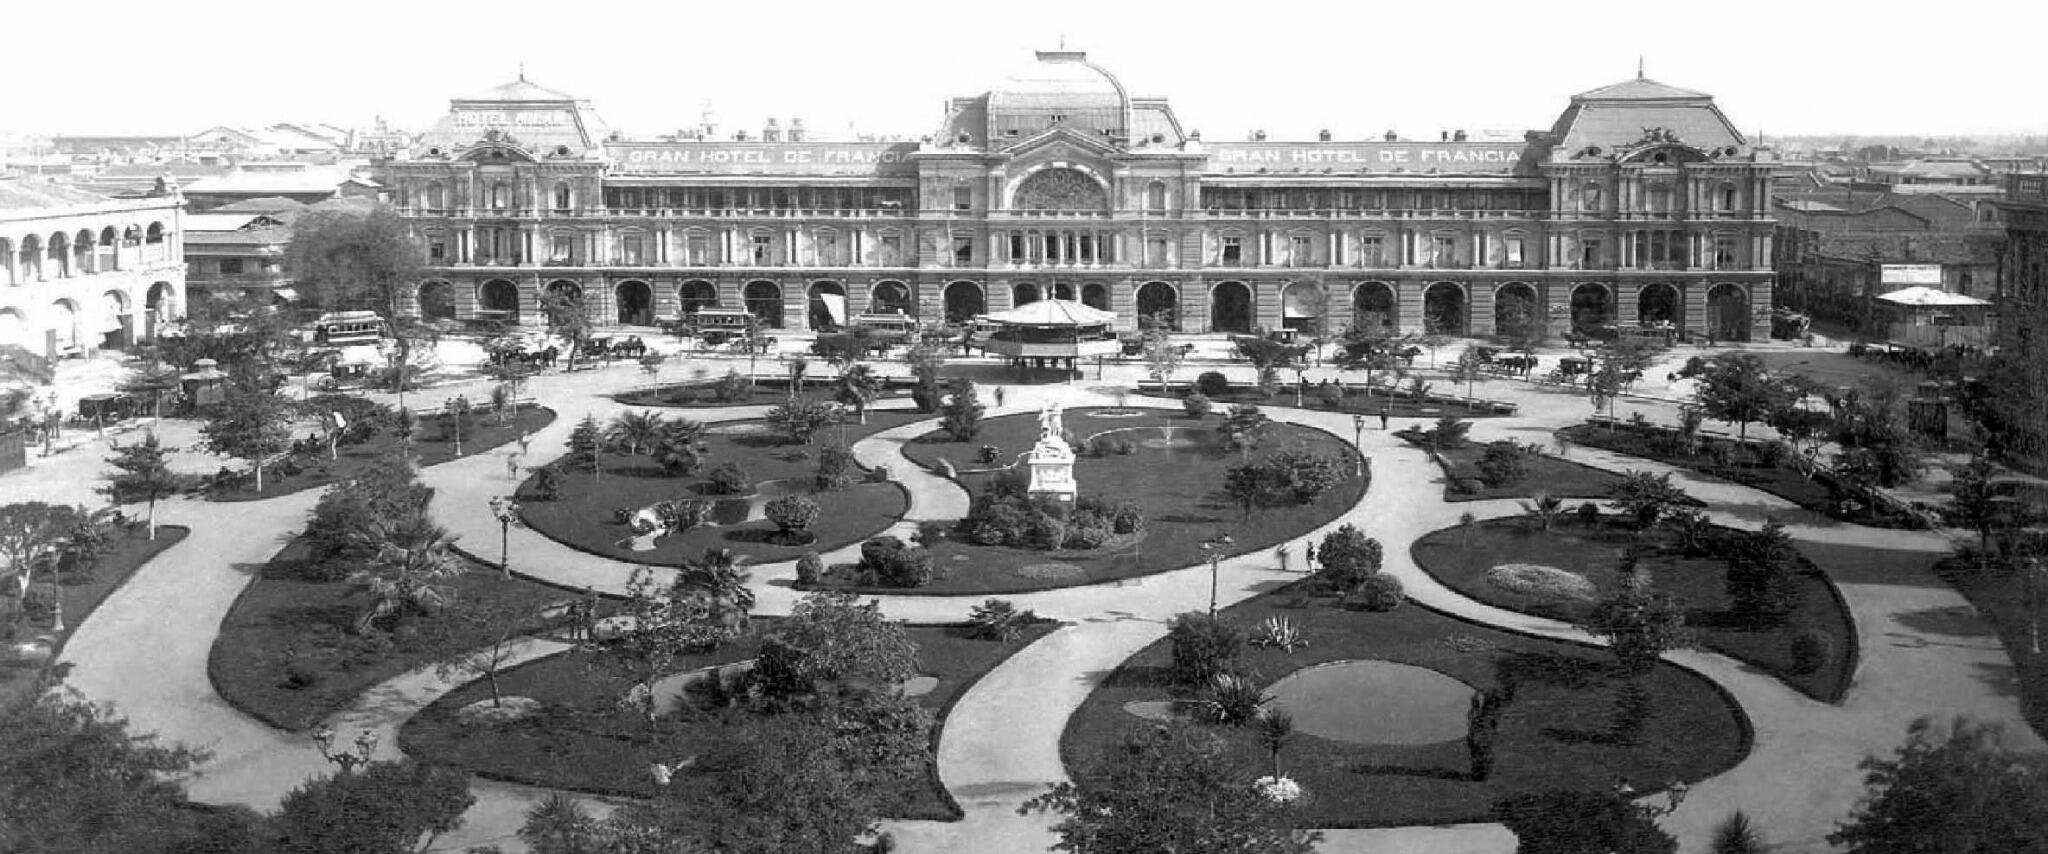 Panorámica de la Plaza de Armas hacia el sur de Santiago, en el año 1906. @Muni_Stgo @santiagoadicto http://t.co/UaYvFZrwLf